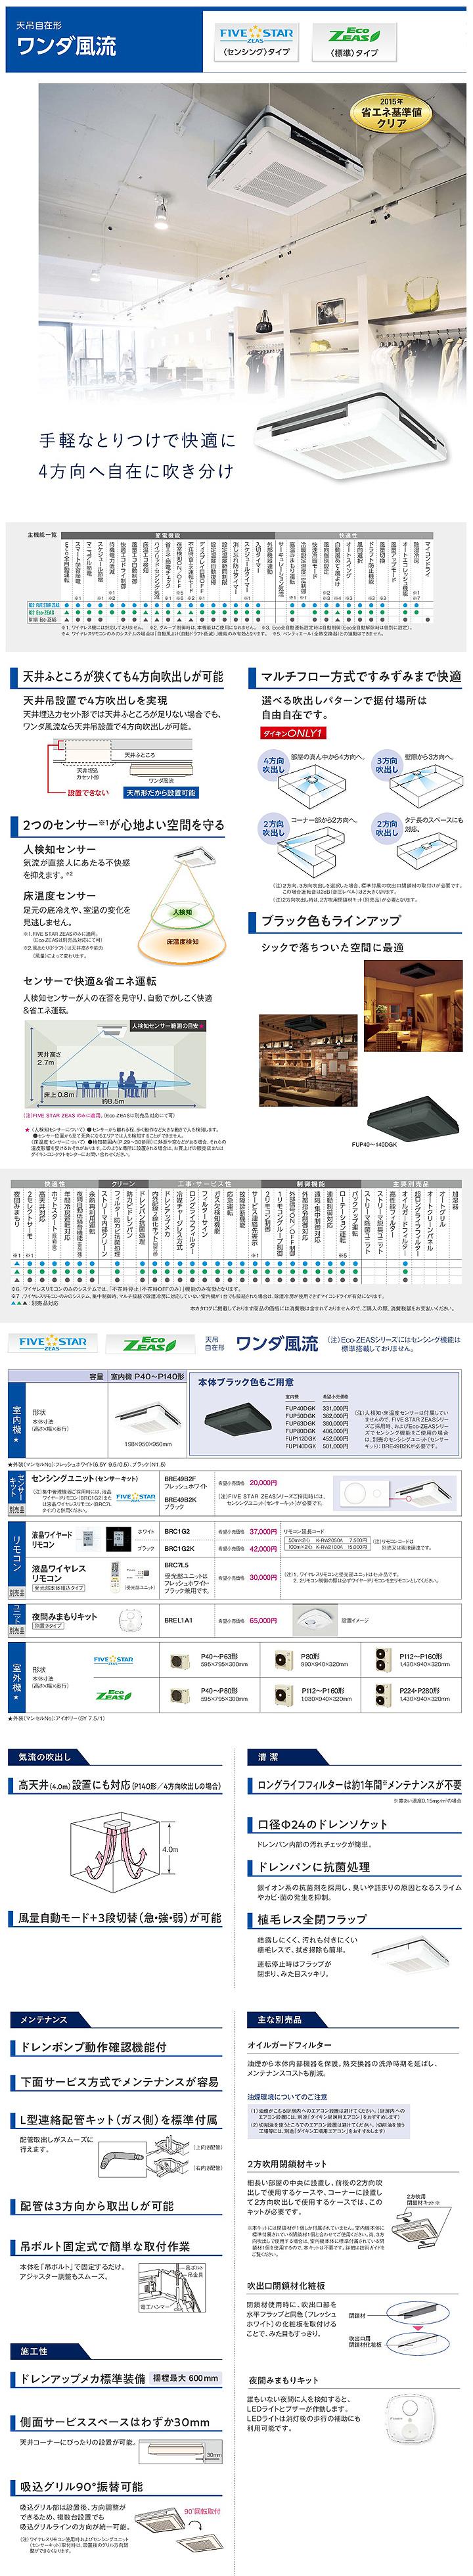 ダイキン SSRU160BCNM 業務用エアコン